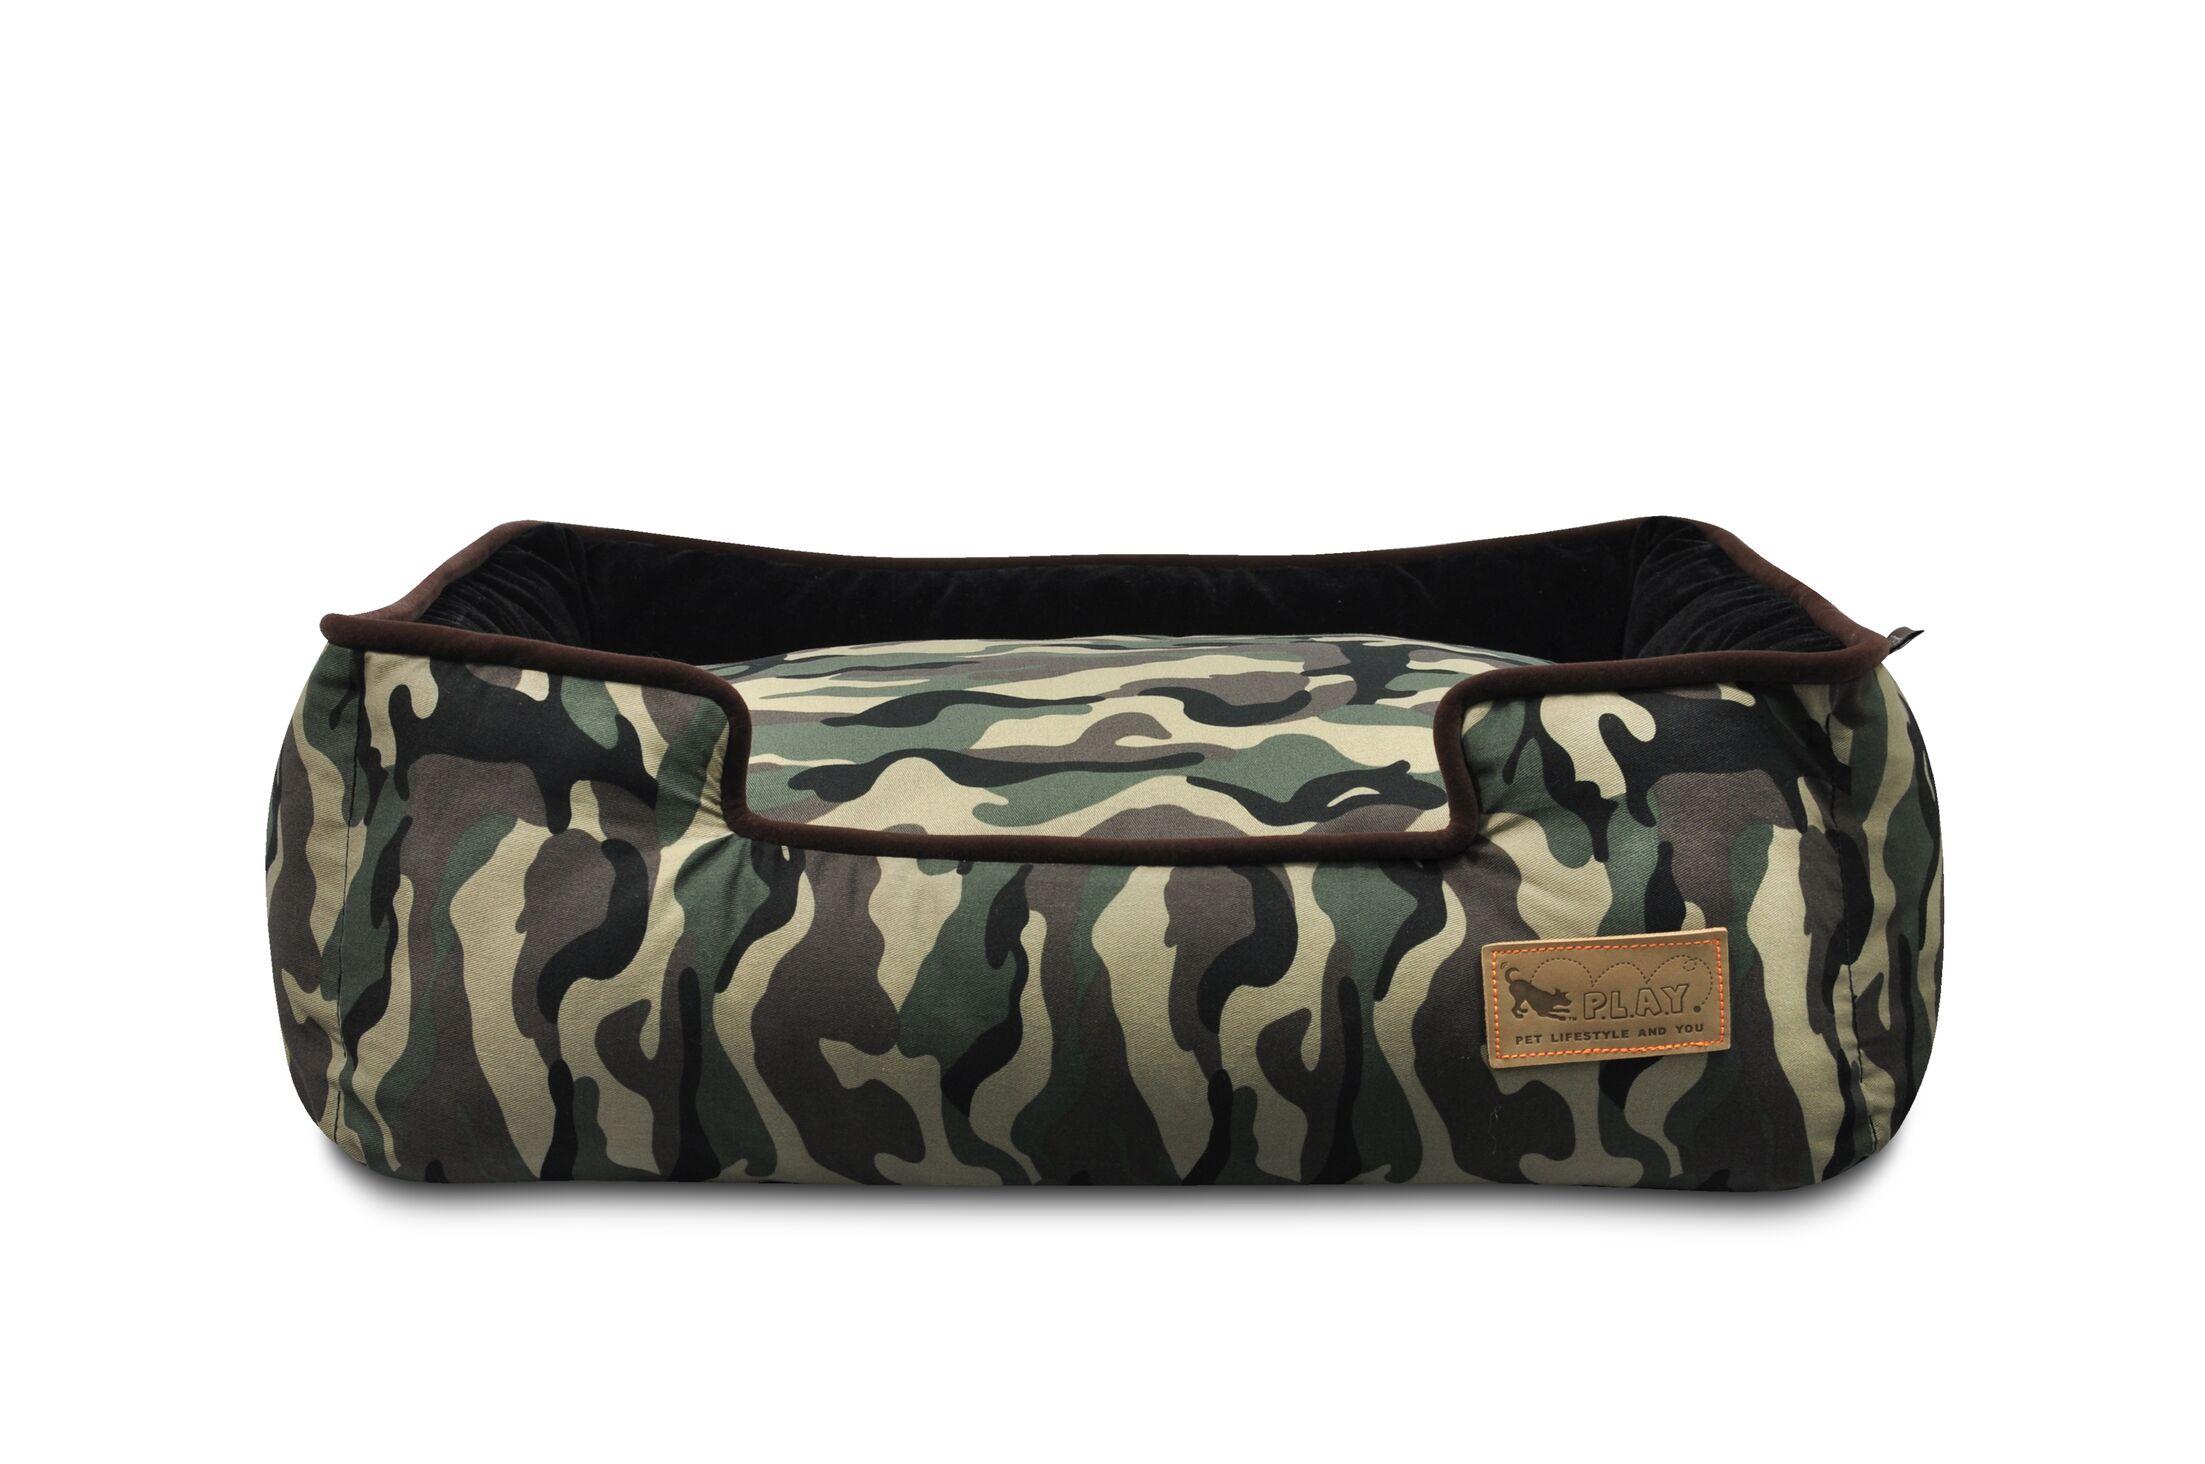 Original Camouflage Lounge Dog Sofa Size: Medium (31